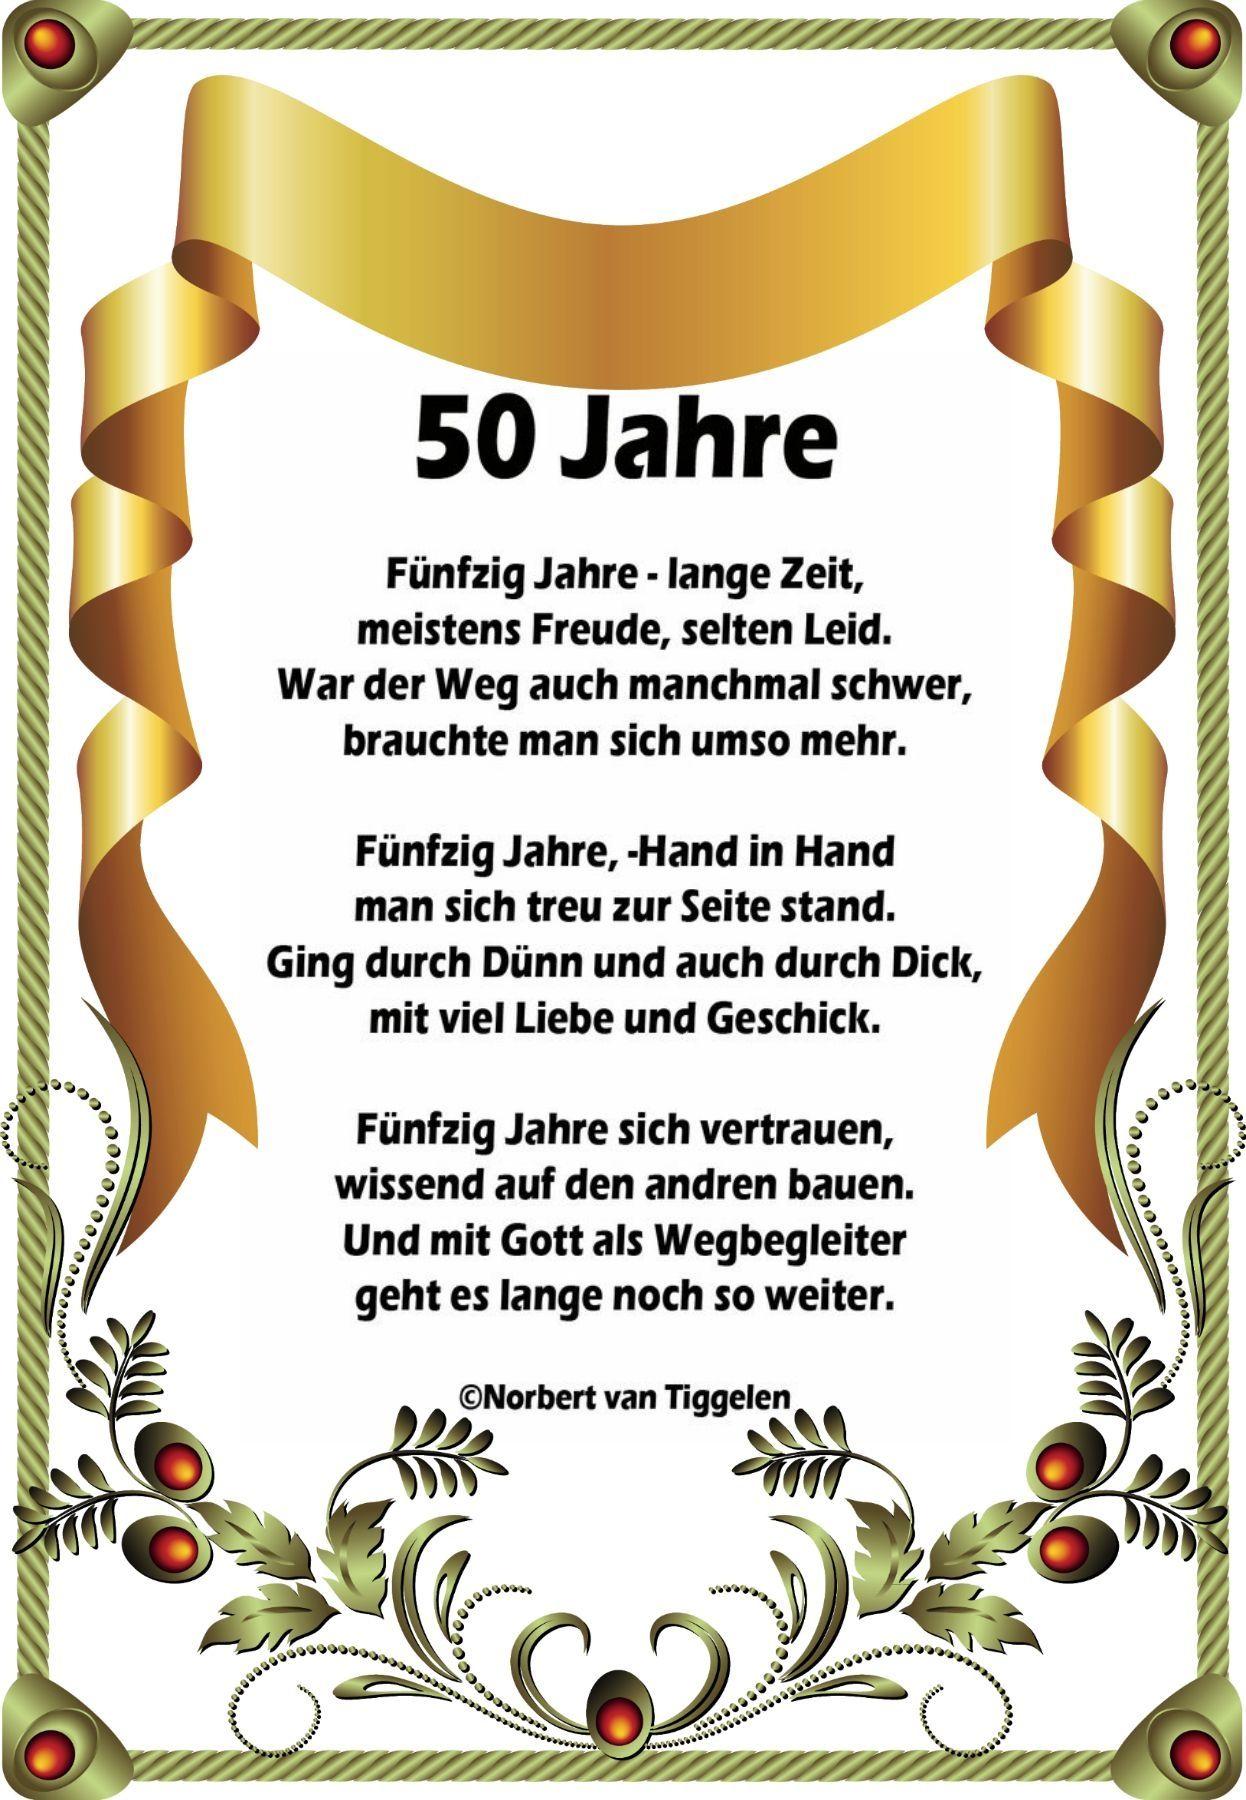 Einladung Zur Goldenen Hochzeit Lustig Trending Spruche Zur Goldenen Hochzeit Geschenkideen Goldene Hochzeit Spruche Hochzeit